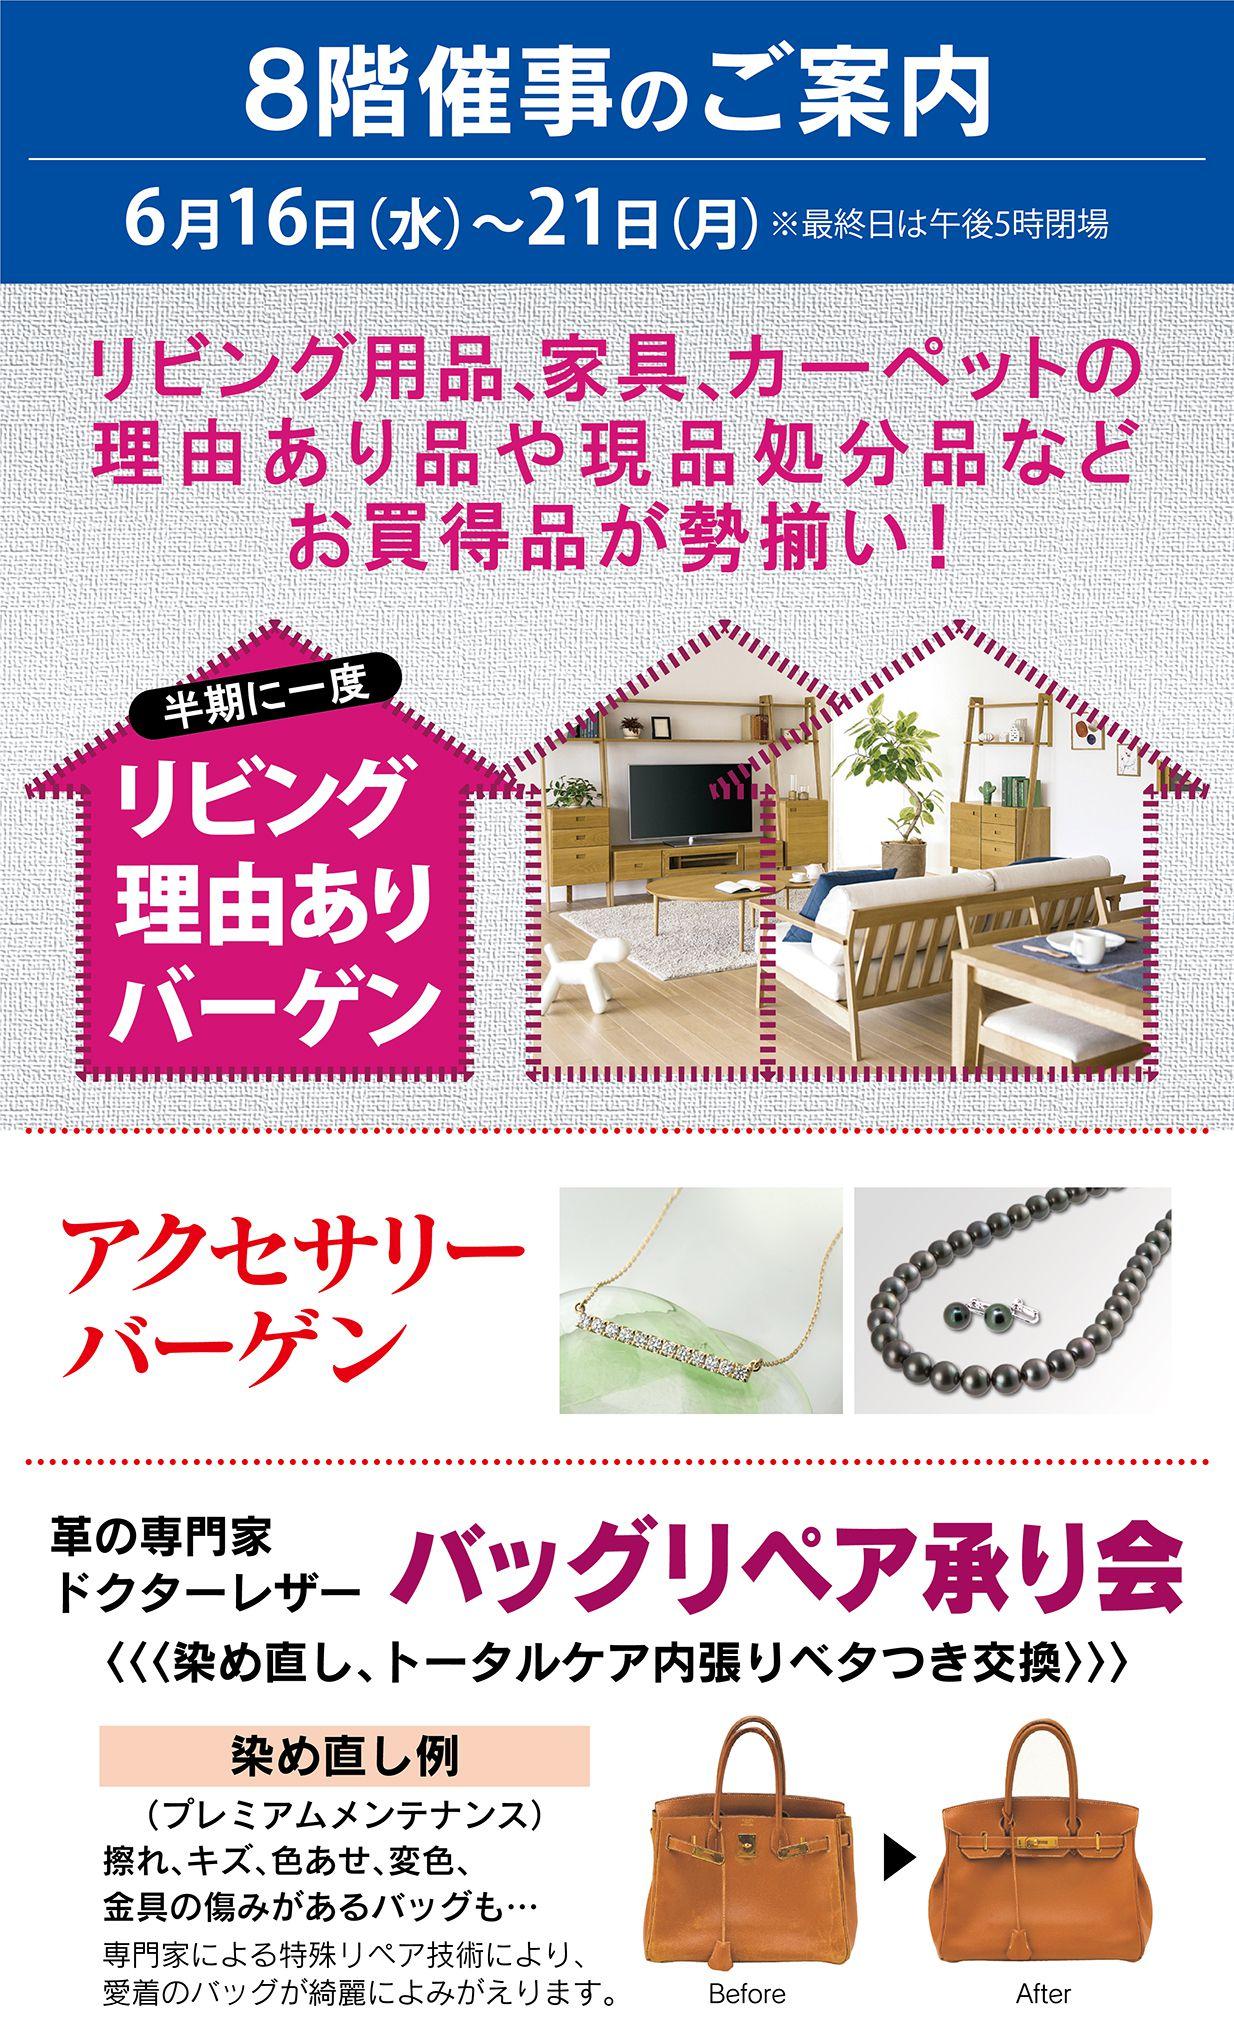 家具リビング・アクセサリー・バッグリペア